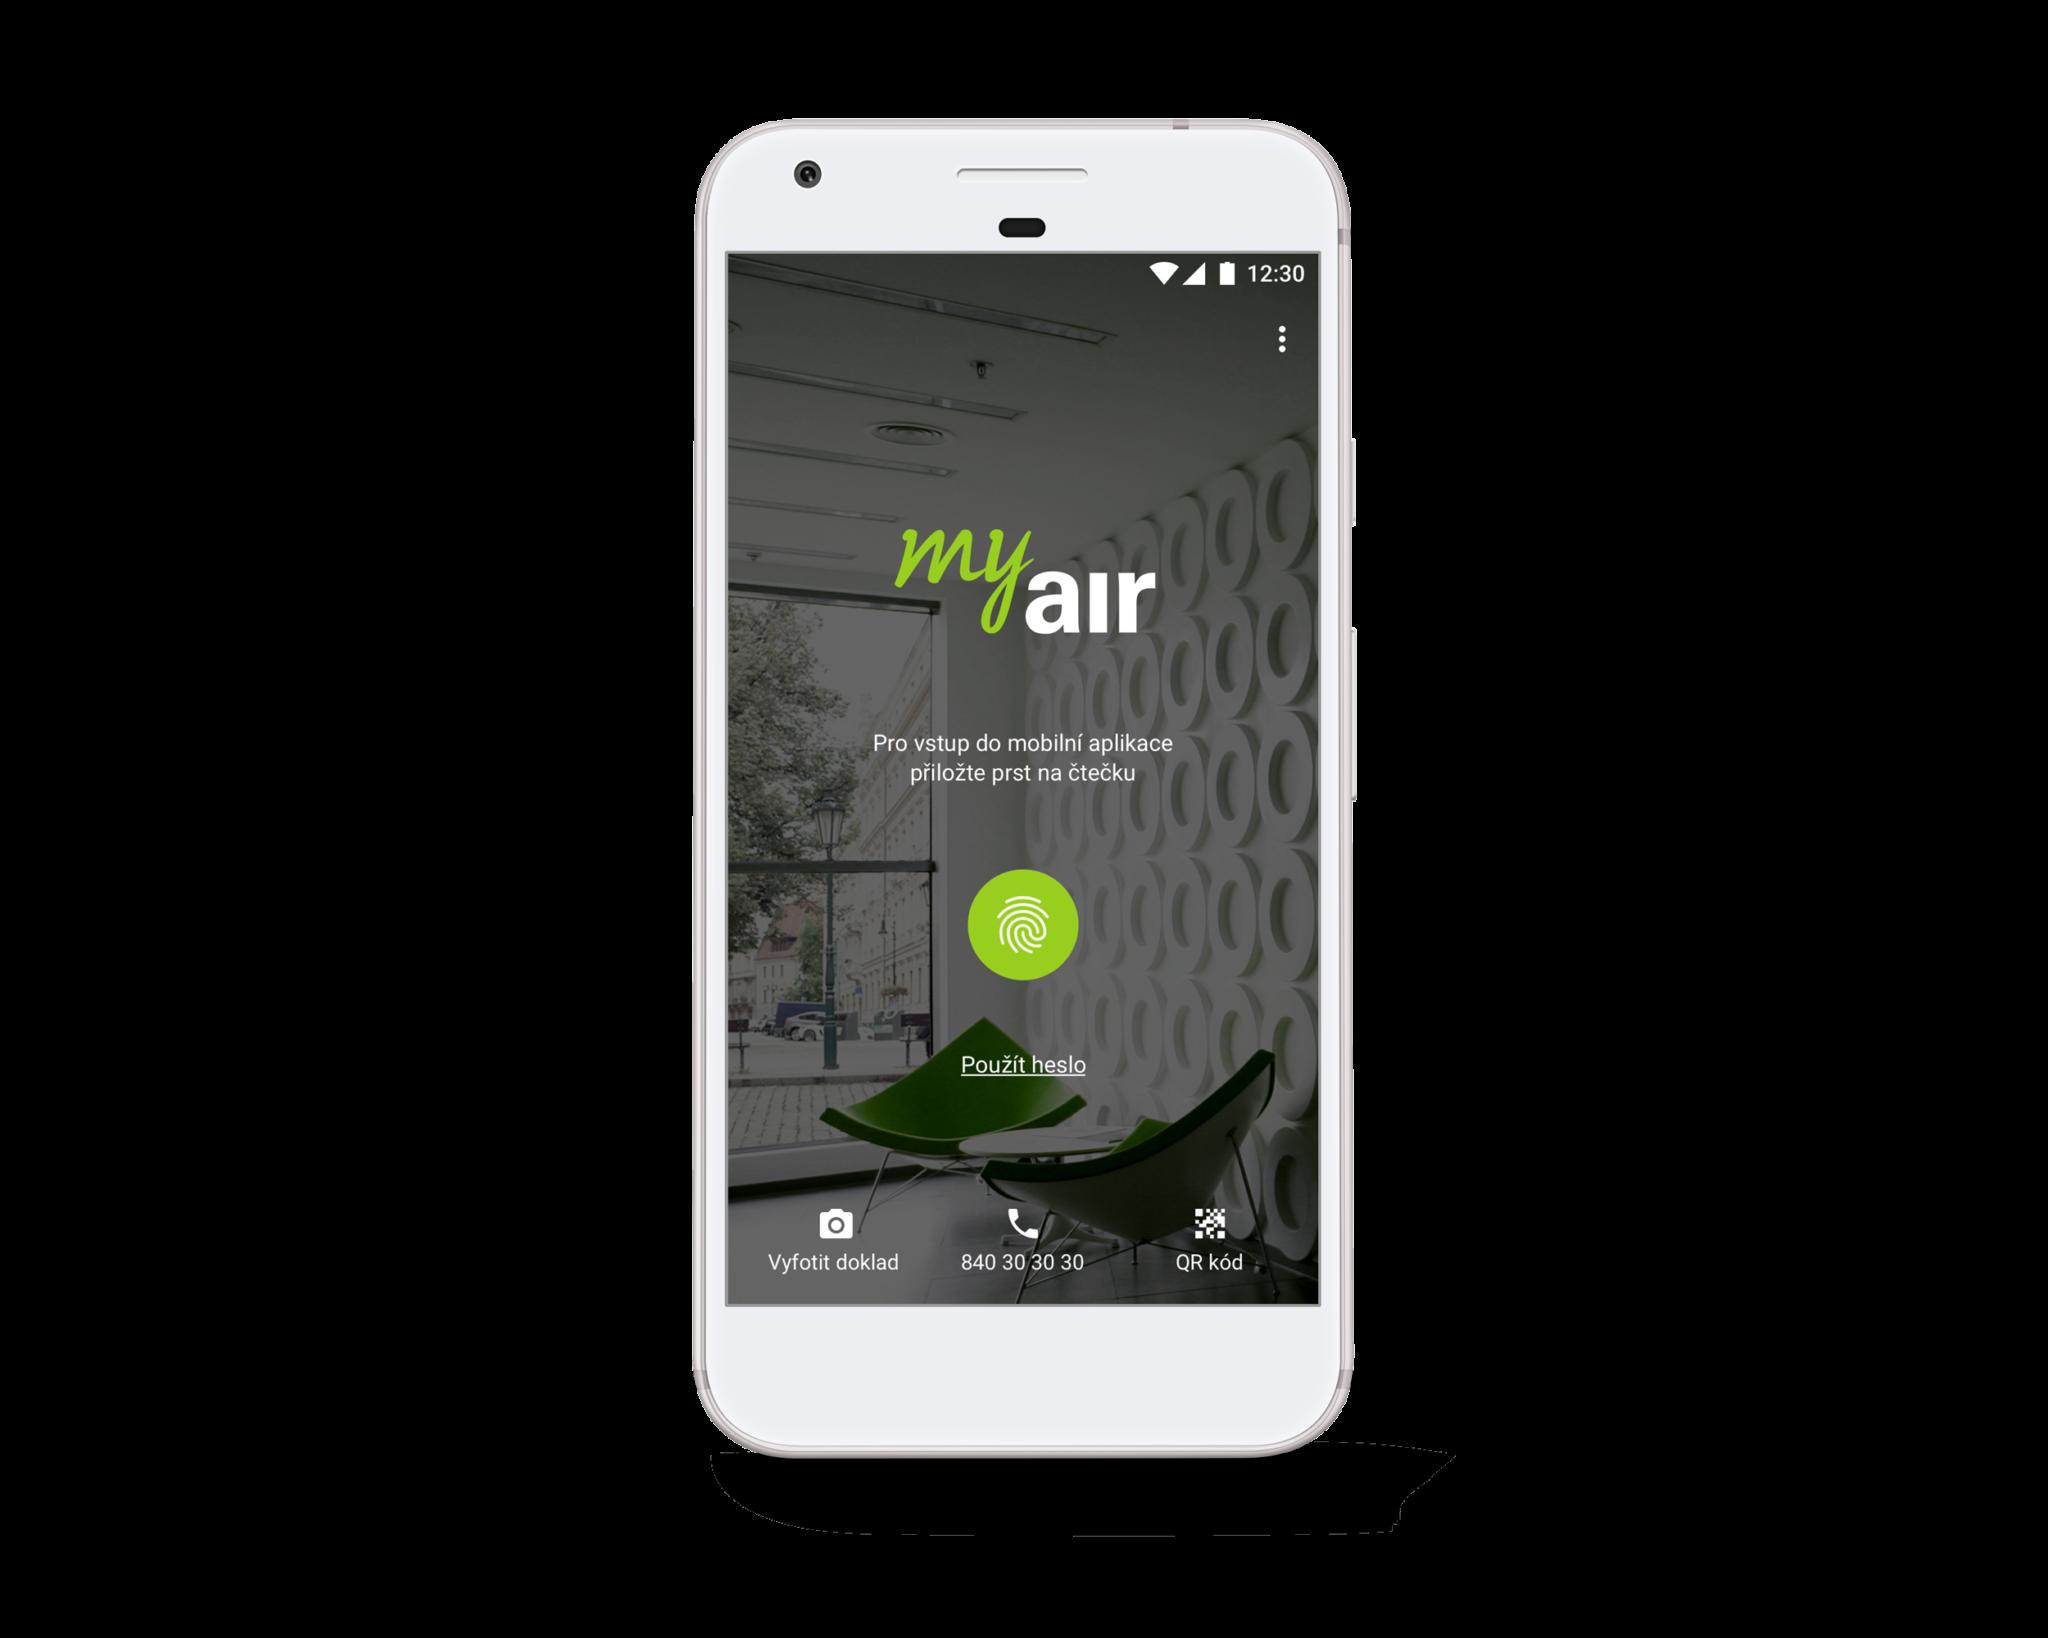 Vychází nová aplikace Airbank pro Android i iOS [aktualizováno]